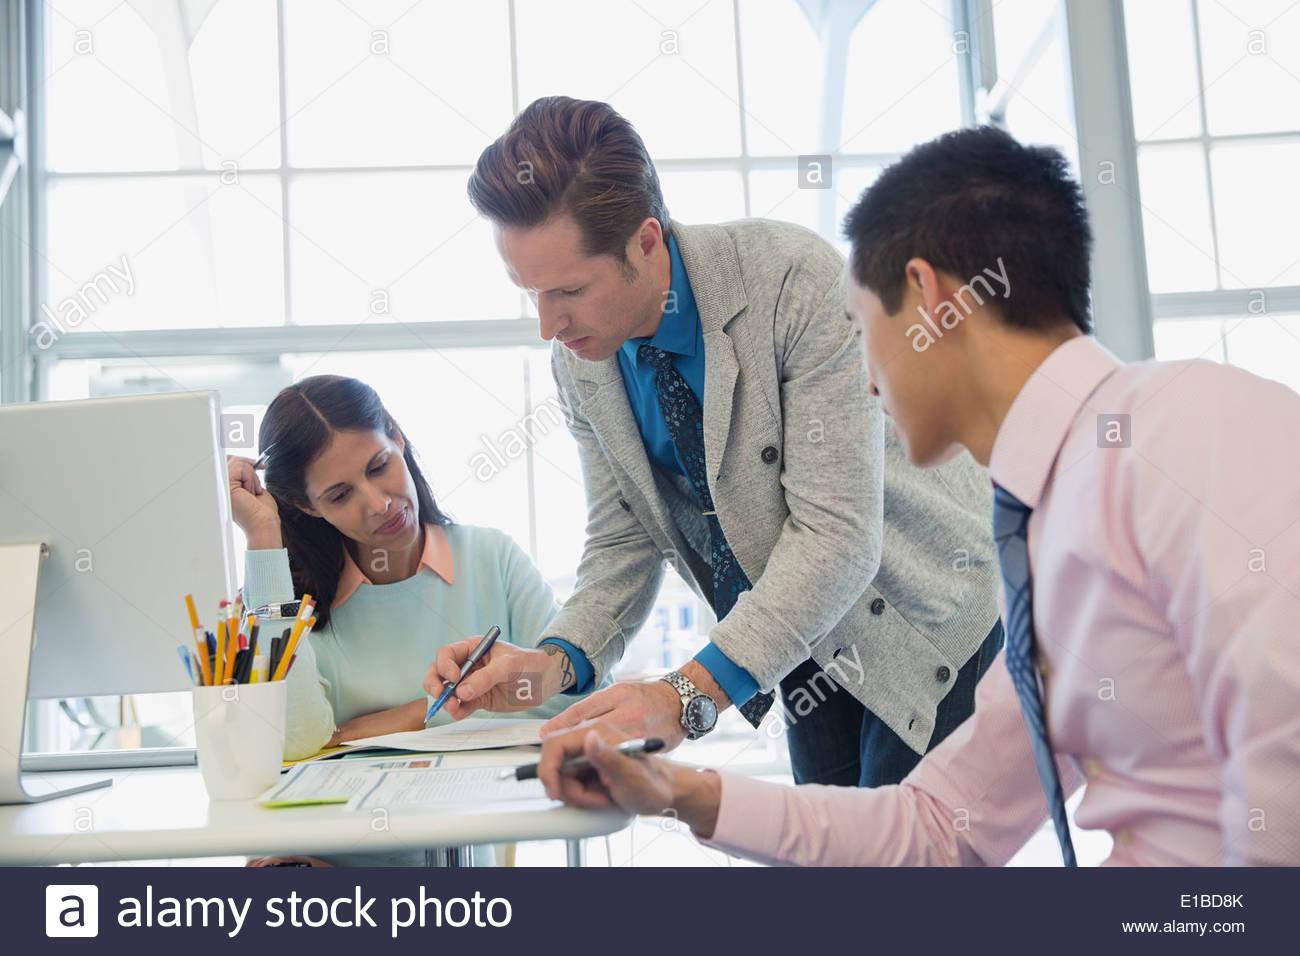 Los empresarios reunidos en escritorio de oficina Imagen De Stock